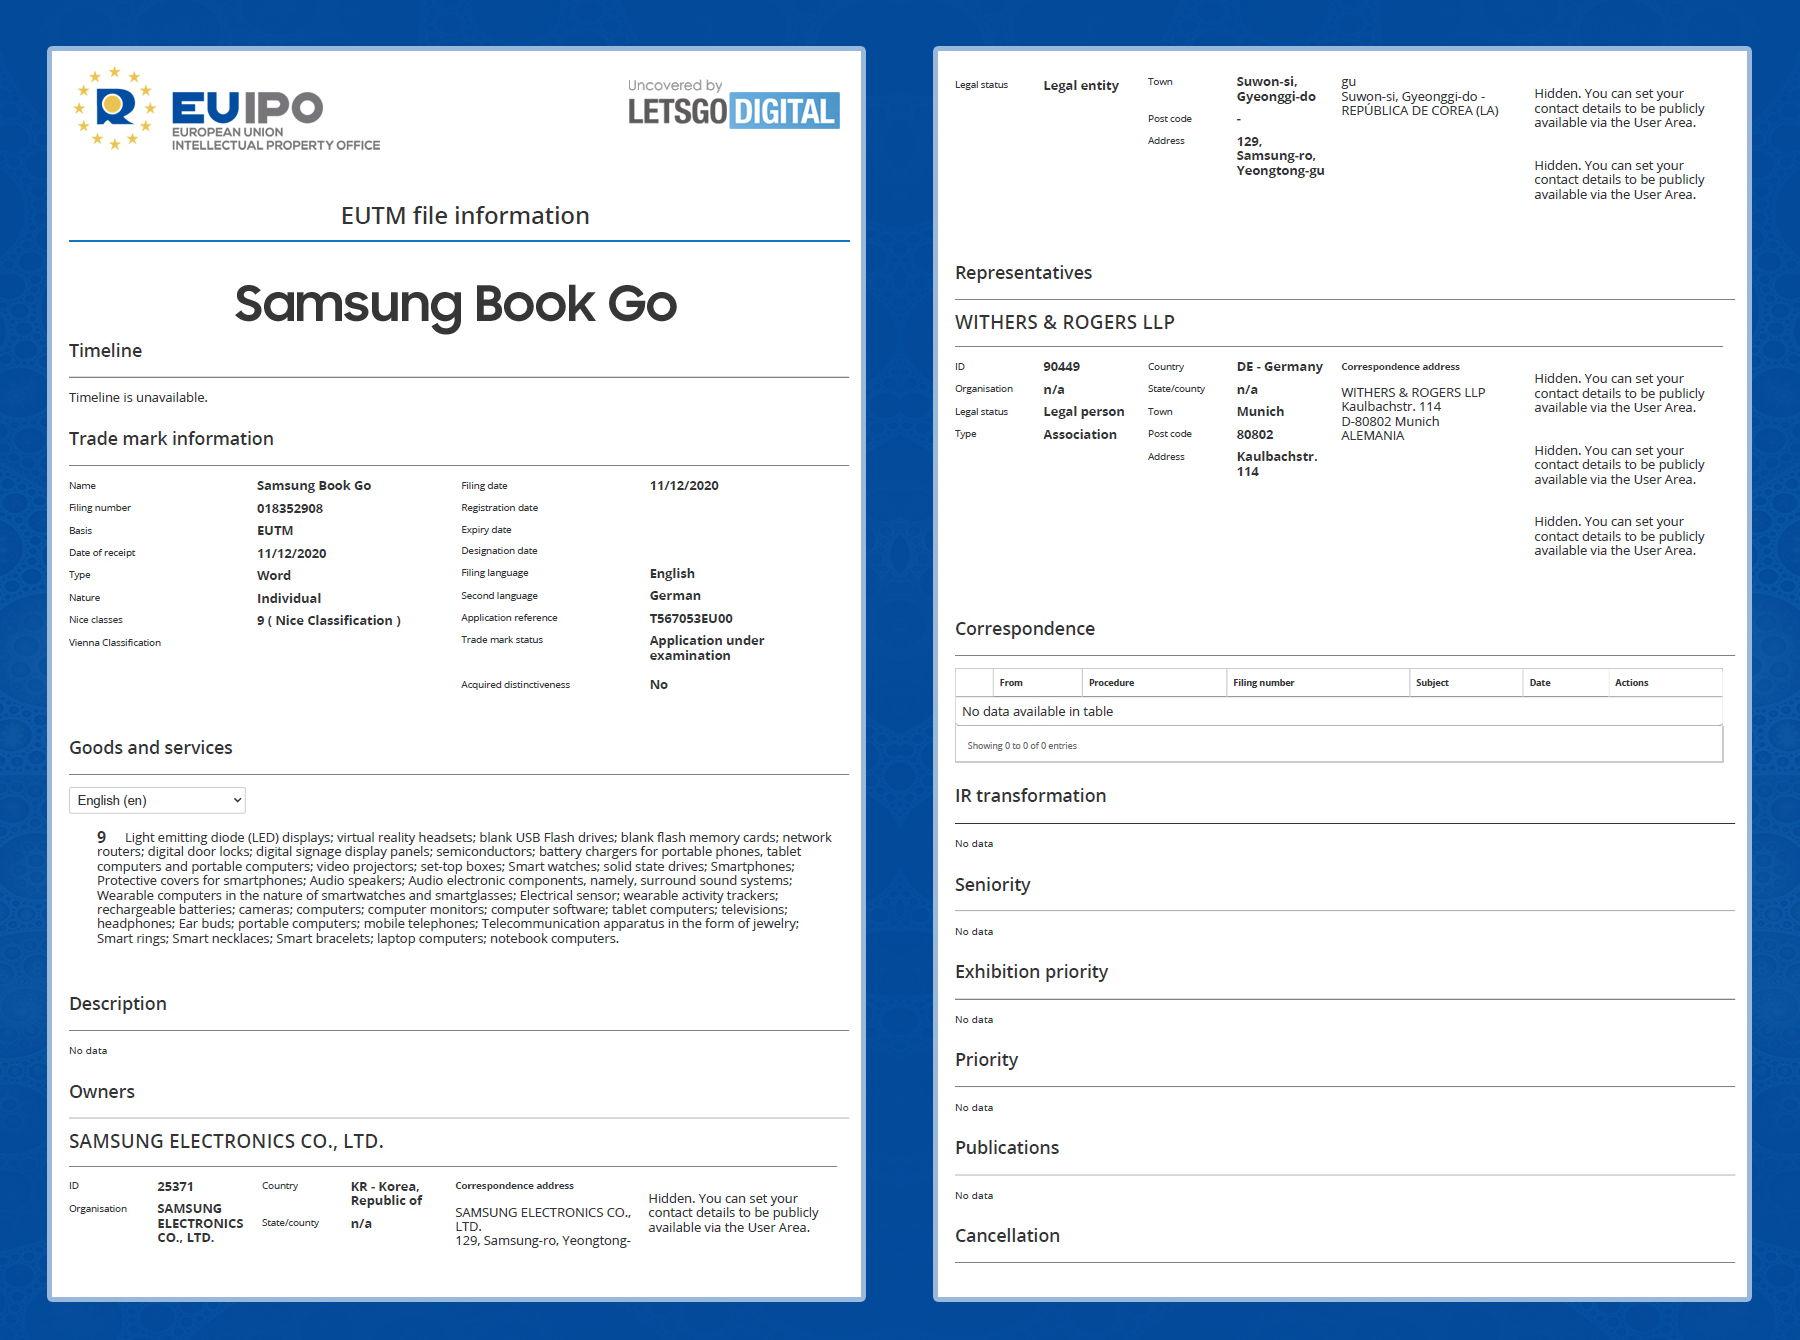 三星 Galaxy Book Go 新款笔记本或将在 CES 2021 上亮相